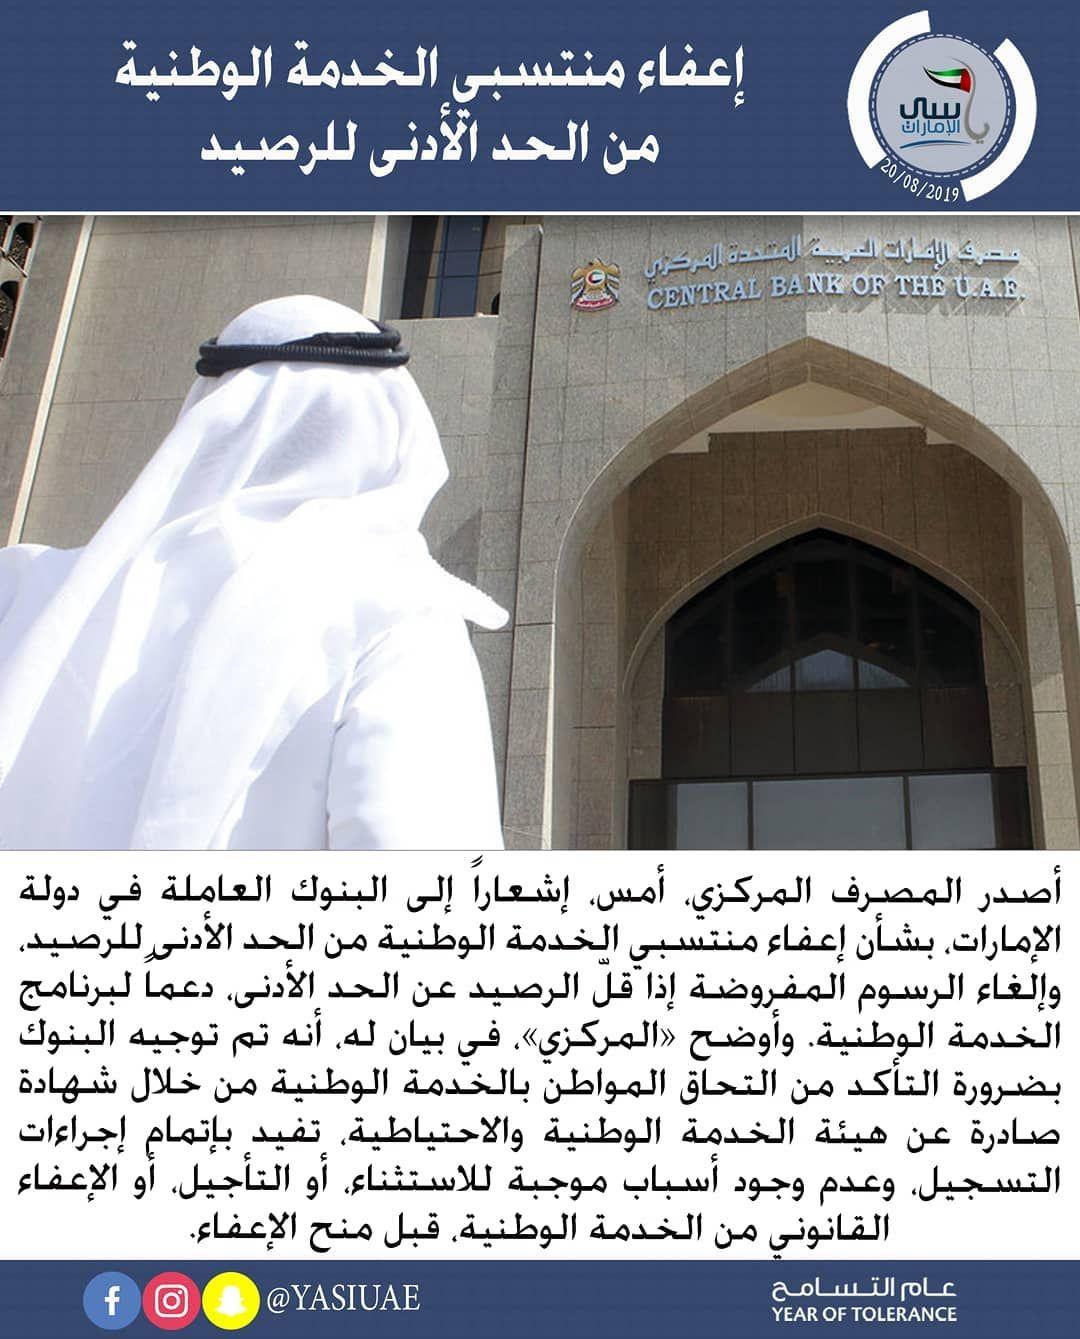 الخدمة الوطنية المصرف المركزي يصدر اشعار إعفاء منتسبي الخدمة الوطنية من الحد الأدنى للرصيد الامارات ابوظبي دبي الشارقة عجمان الفجي Dubai Royal Family